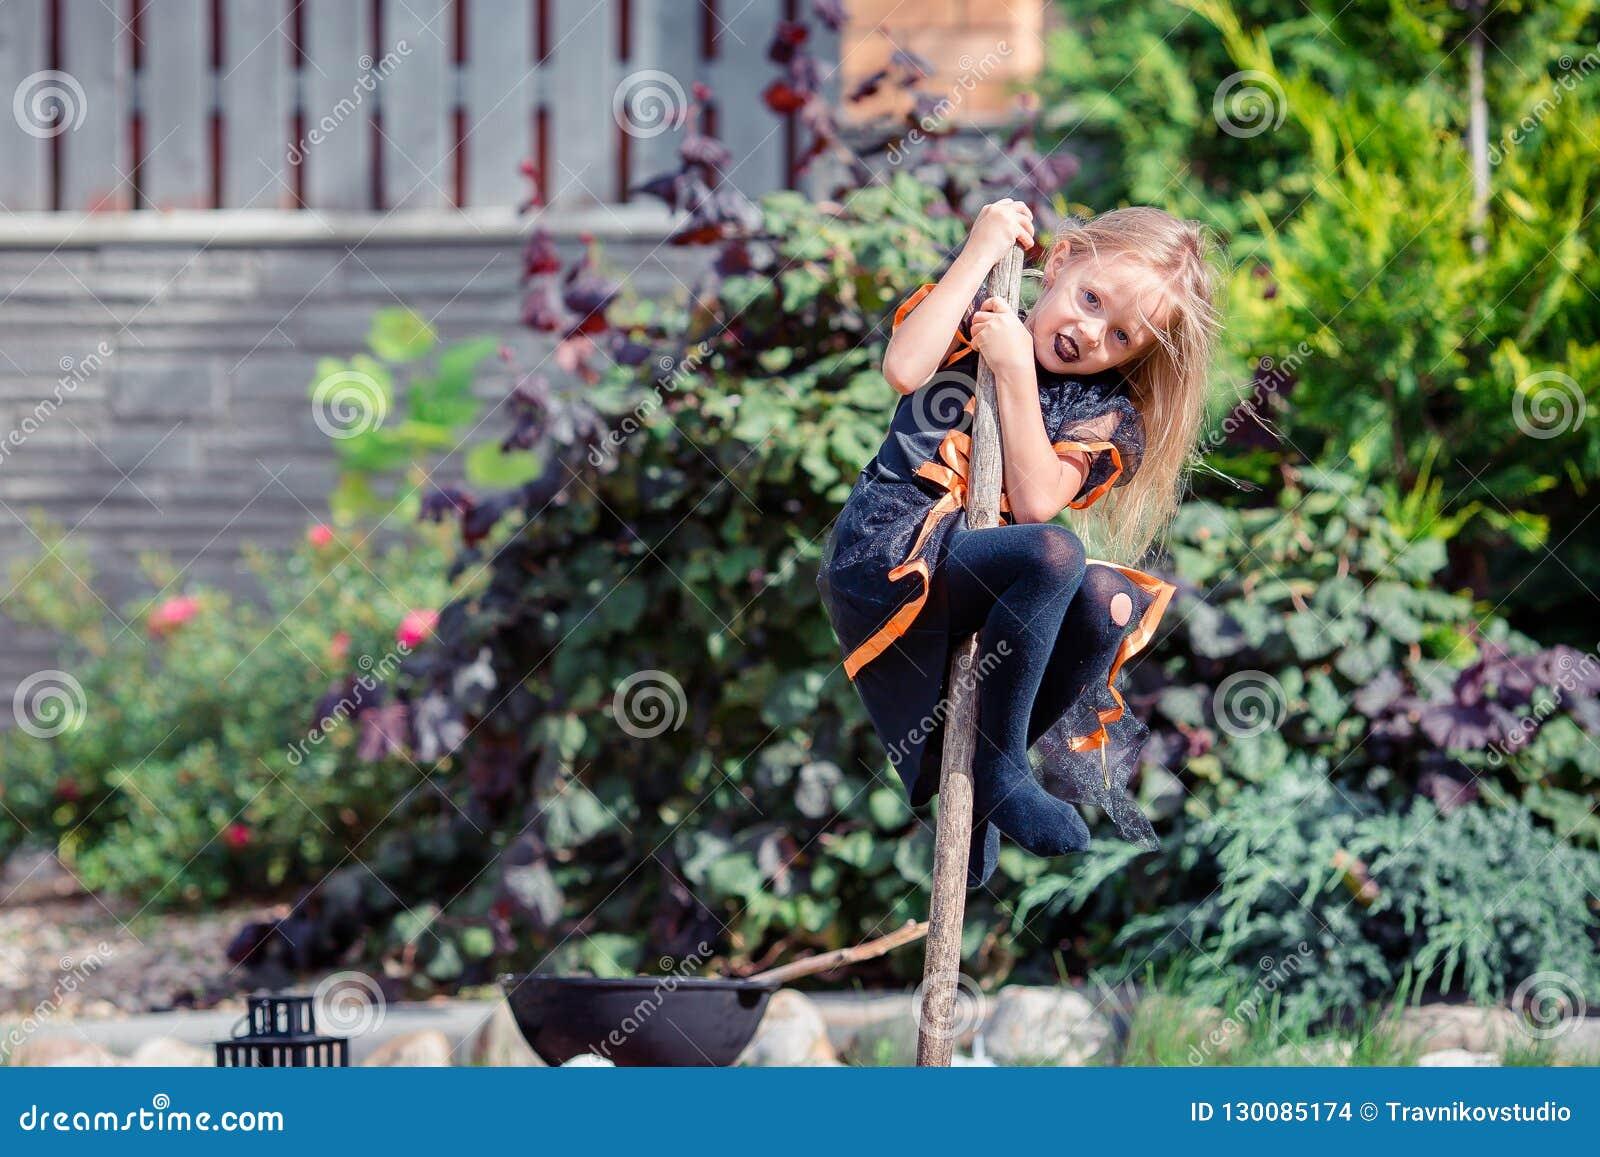 Glückliches Mädchen in Halloween-Kostüm mit Steckfassungskürbis Trick oder Festlichkeit